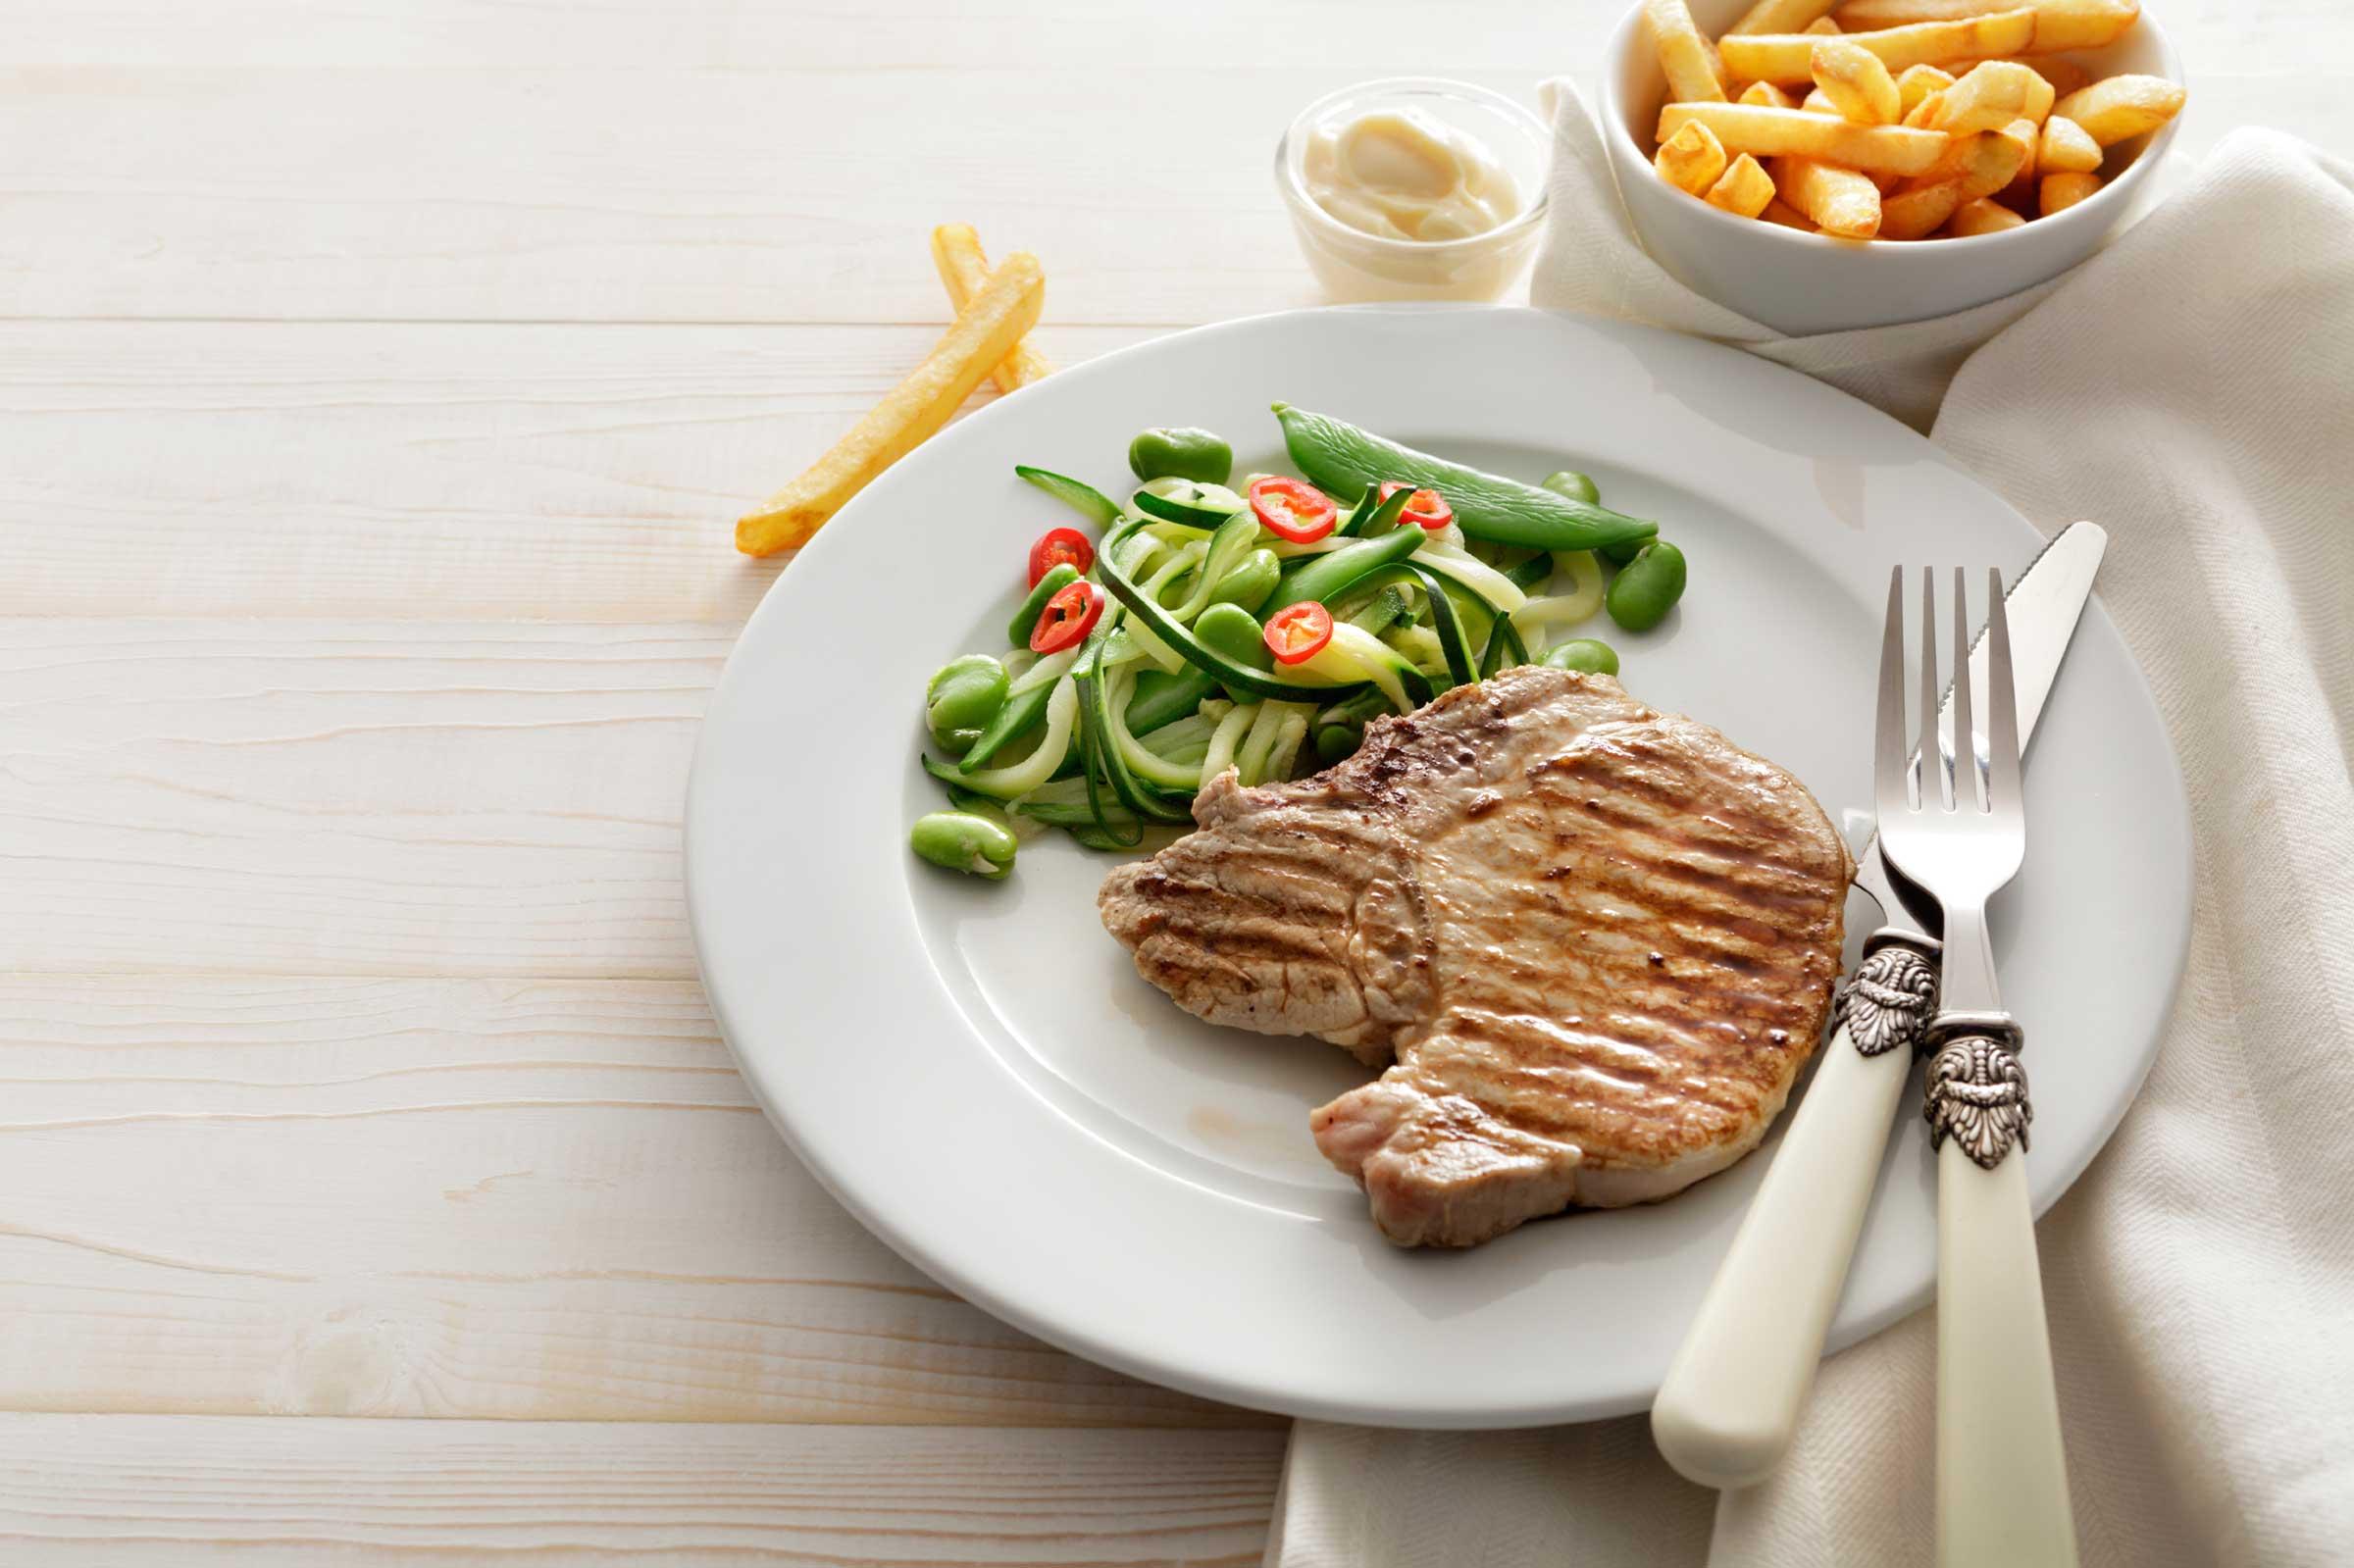 makanan sihat